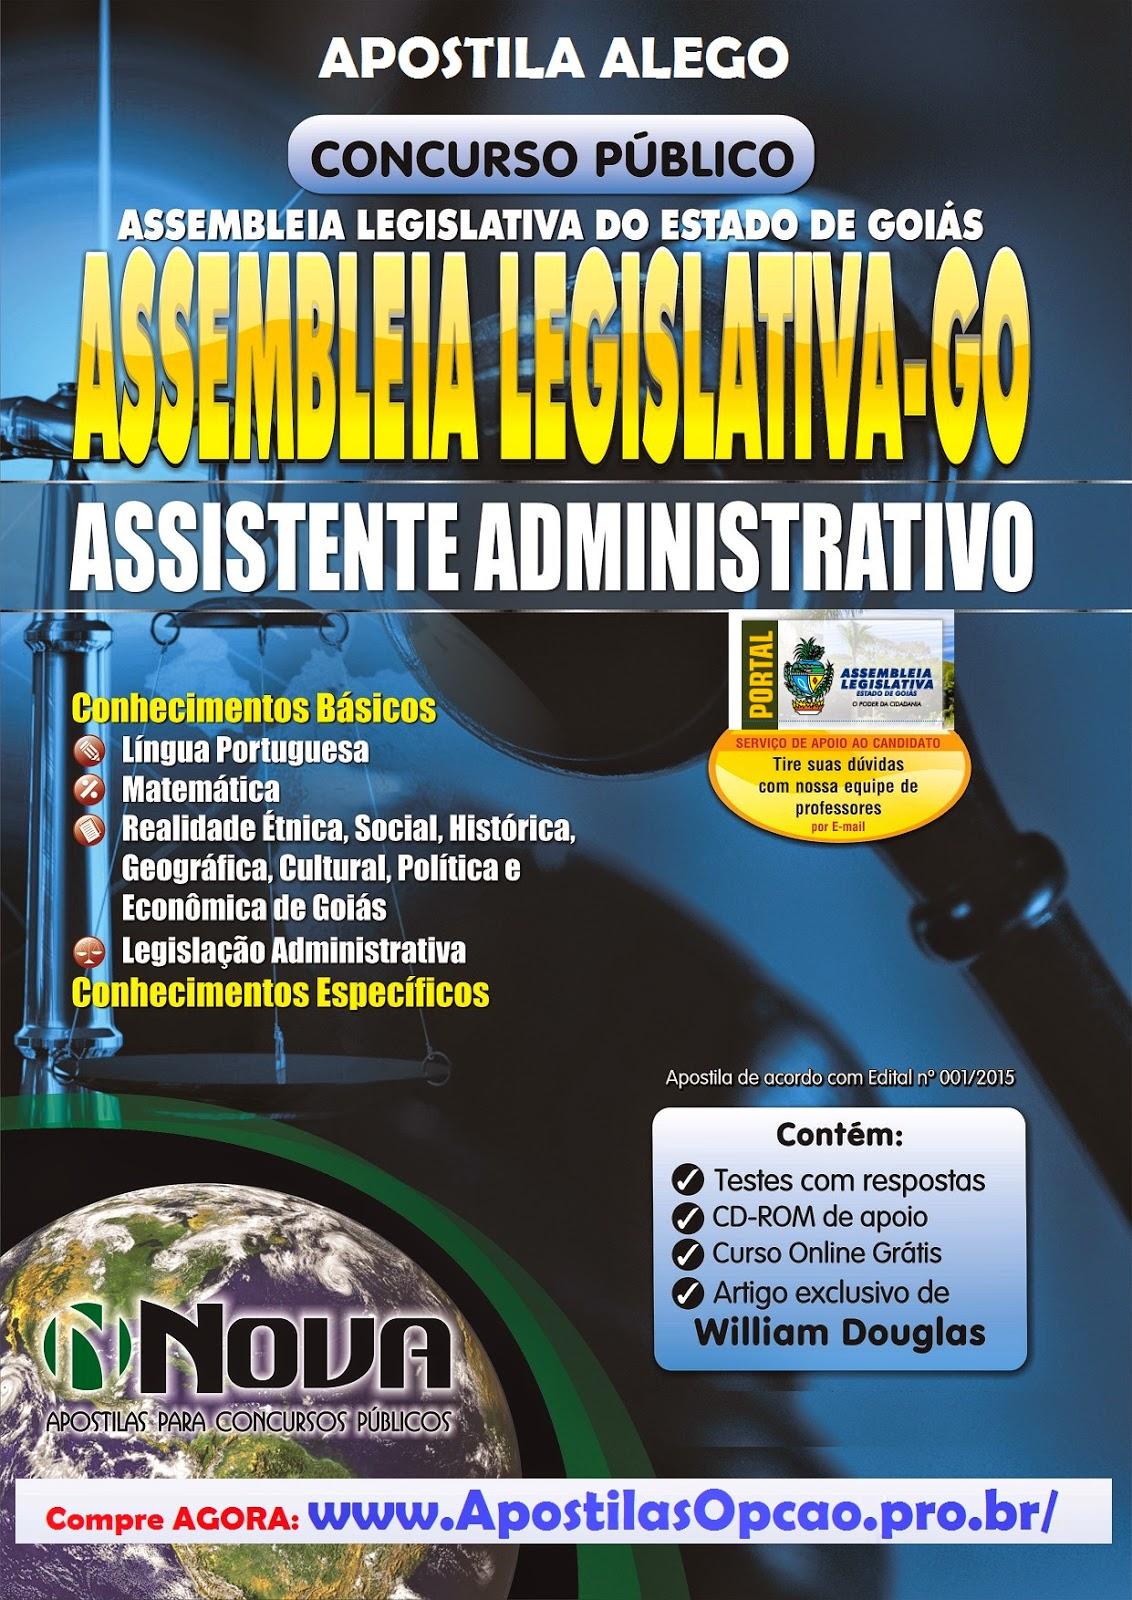 Apostila Impressa Assembléia Legislativa - ALEGO - Assistente Administrativo.